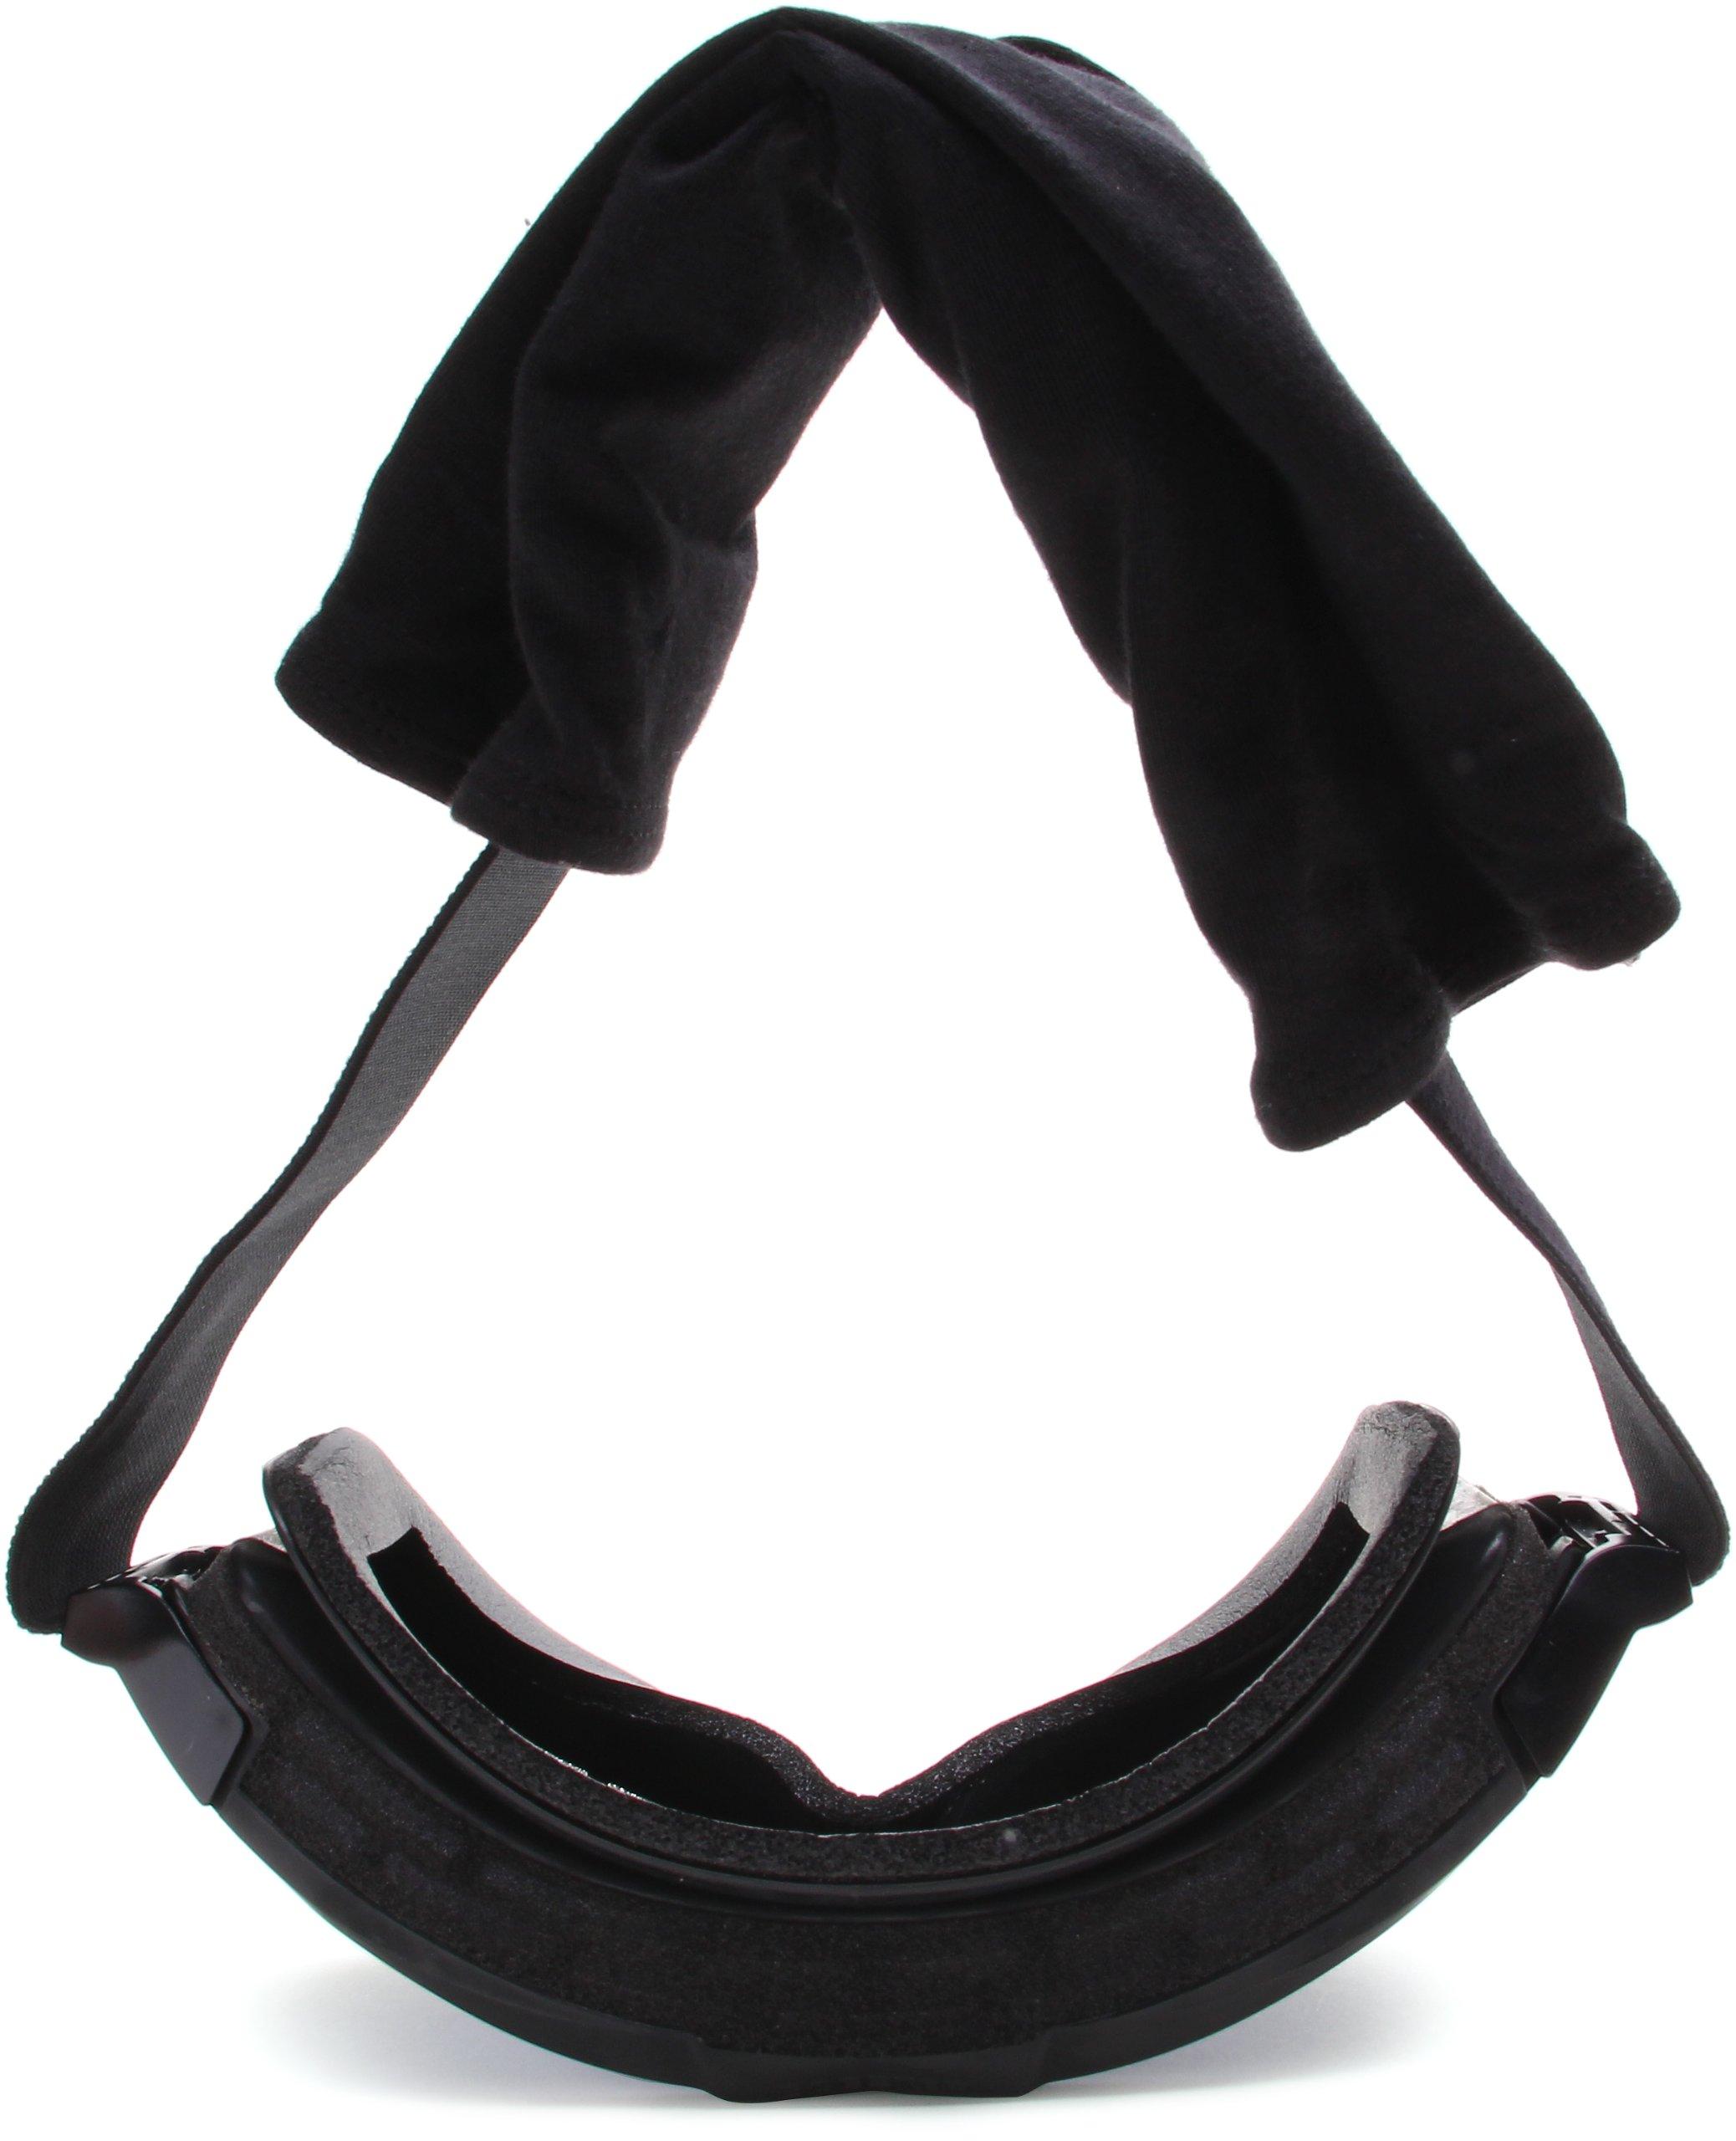 Bobster Alpha Ballistics Goggles, Black Frame/Smoke & Clear Lenses by Bobster Eyewear (Image #5)